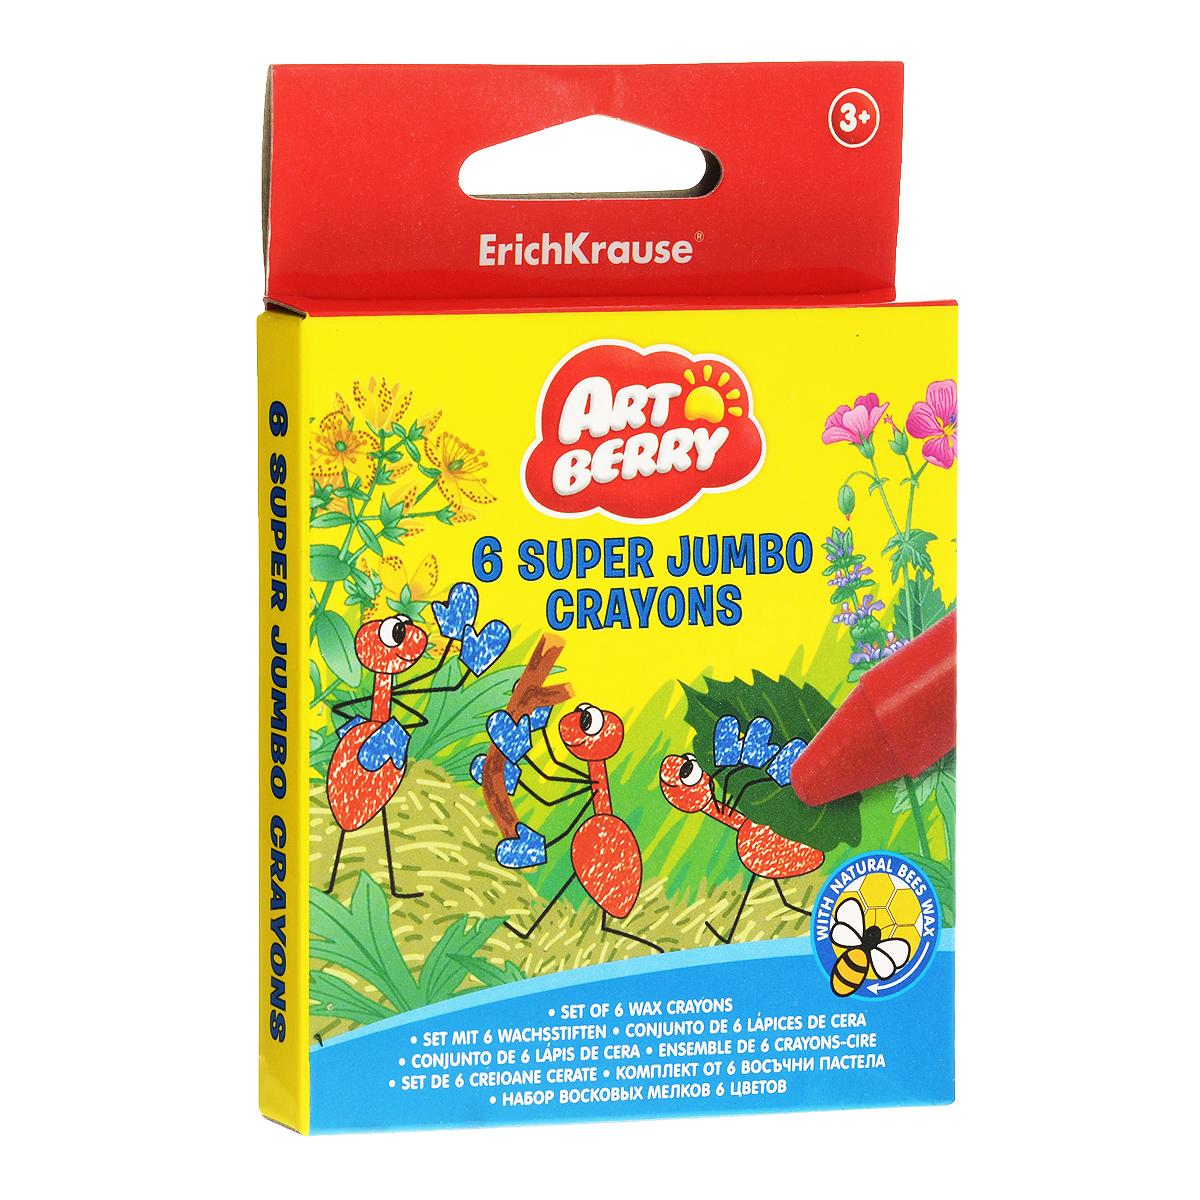 Восковые мелки Erich Krause Art Berry, 6 цветовFS-00264Восковые мелки Erich Krause Art Berry откроют юным художникам новые горизонты для творчества. Они предназначены для рисования на бумаге, картоне, кафеле и стекле. Набор включает в себя 6 ярких мелков (желтый, оранжевый, розовый, красный, зеленый, голубой).Мелки являются альтернативой привычным для нас цветным карандашам. Они содержат натуральный пчелиный воск, что безвредно для ребенка. Восковые мелки позволят создавать малышу самые красочные рисунки. Кроме того, эти мелки с легкостью могут быть смыты с любых поверхностей, поэтому родителям не придется беспокоиться в моменты, когда их ребенок захочет проявить всю свою творческую натуру!Мелки помогают малышам развить мелкую моторику рук, координацию движений, воображение и творческое мышление, стимулируют цветовое восприятие, а также способствуют самовыражению.